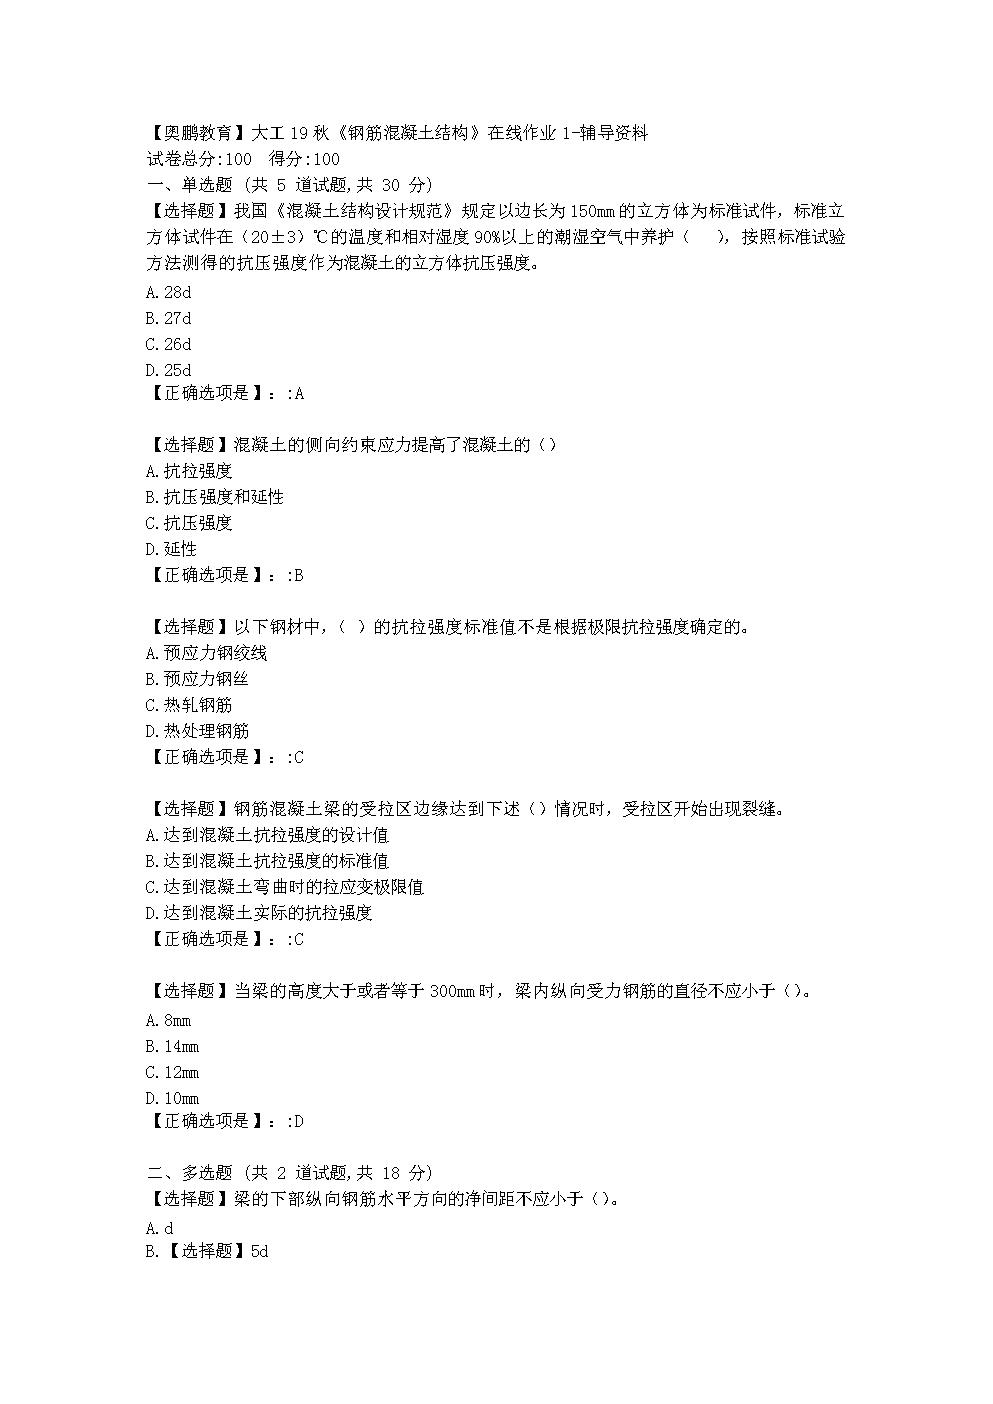 大连理工大学19秋《钢筋混凝土结构》在线作业1学习资料.doc